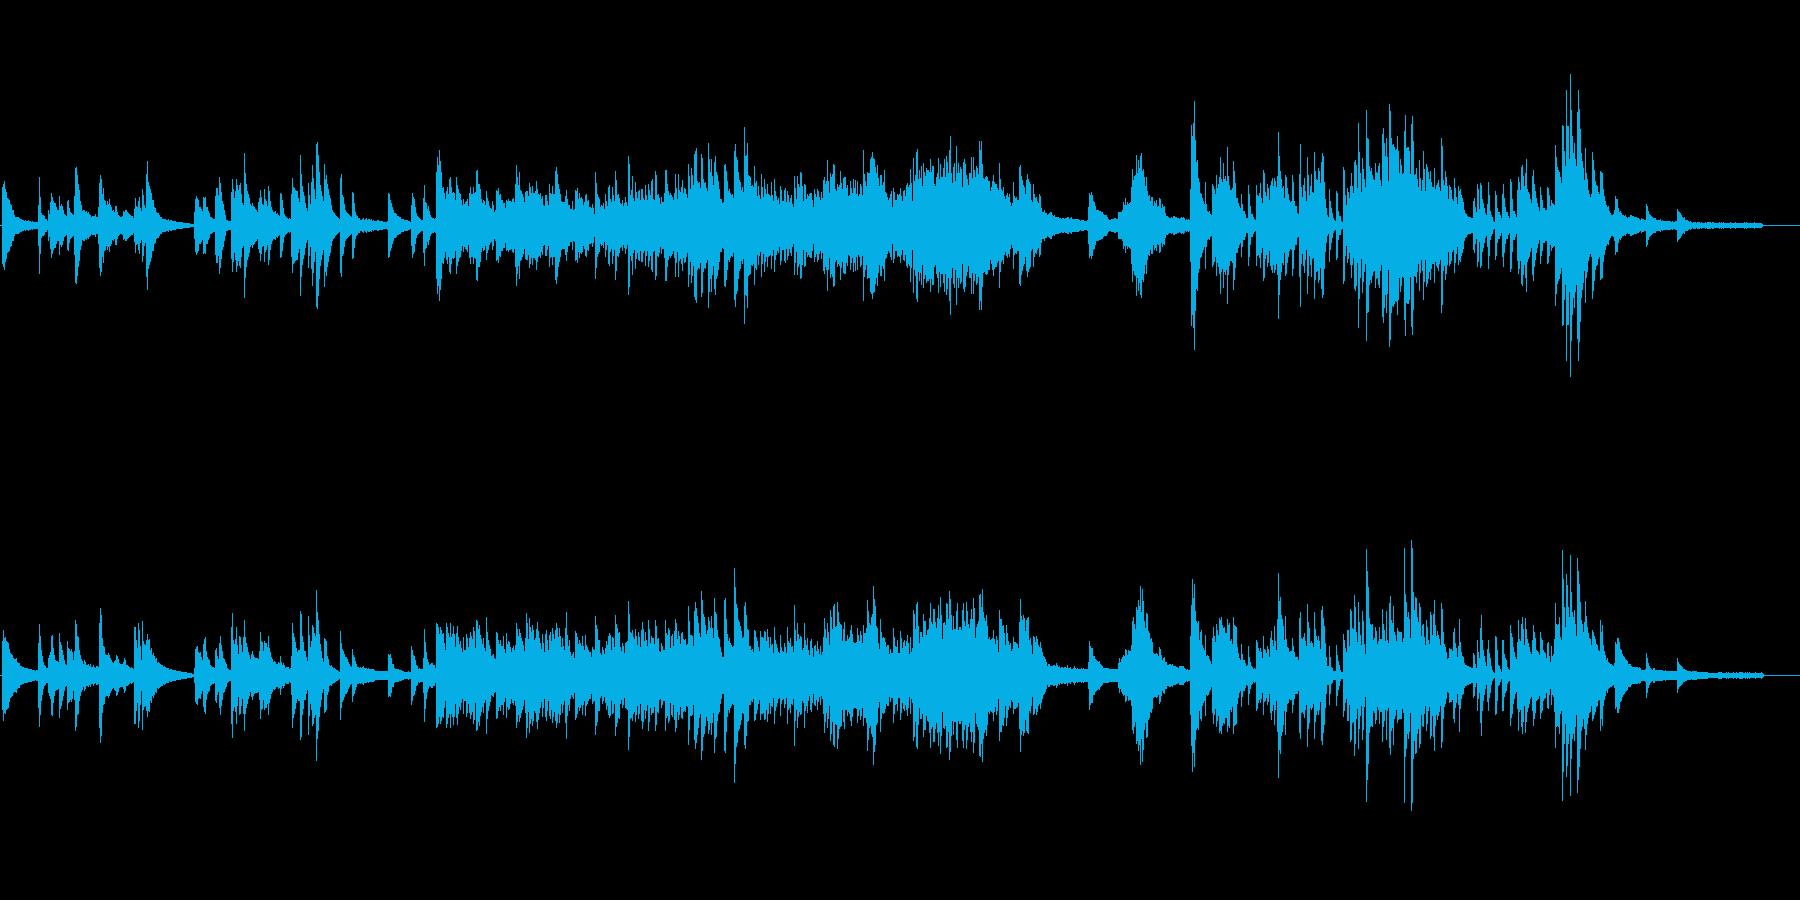 ピアノソロのバラードの再生済みの波形